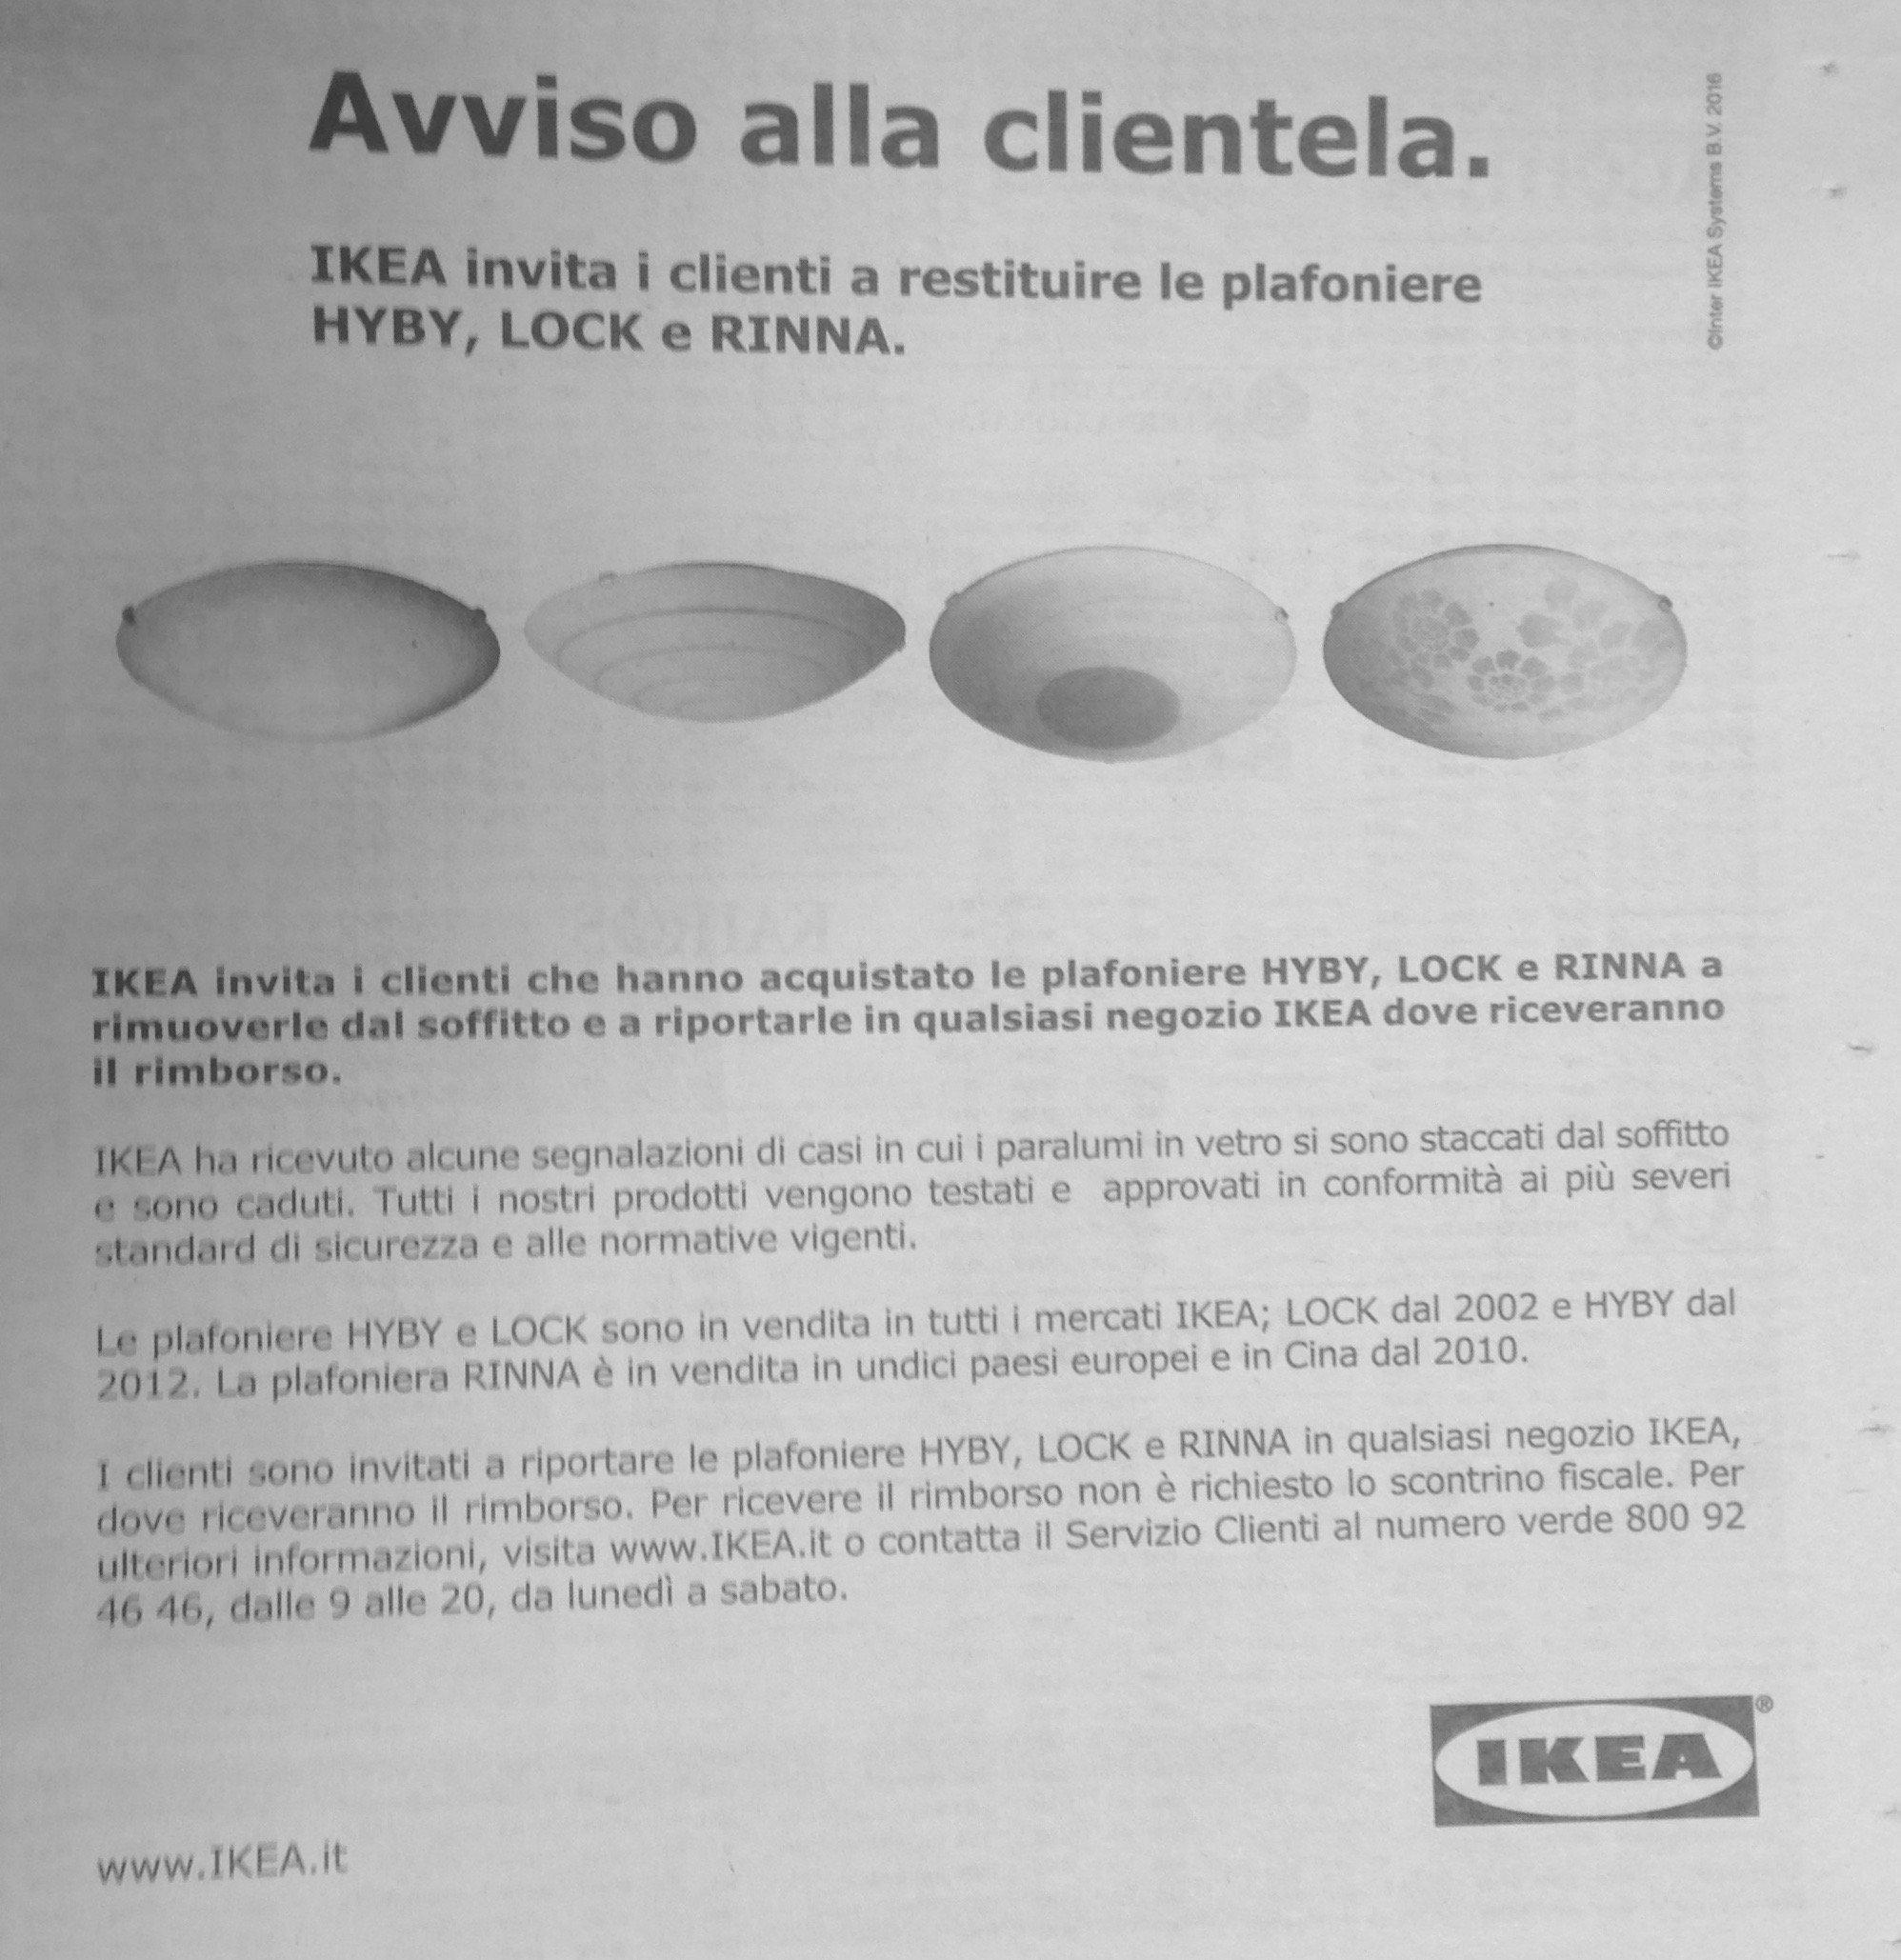 Ikea richiama anche in italia i lampadari hyby e lock e - Acquisto on line ikea ...